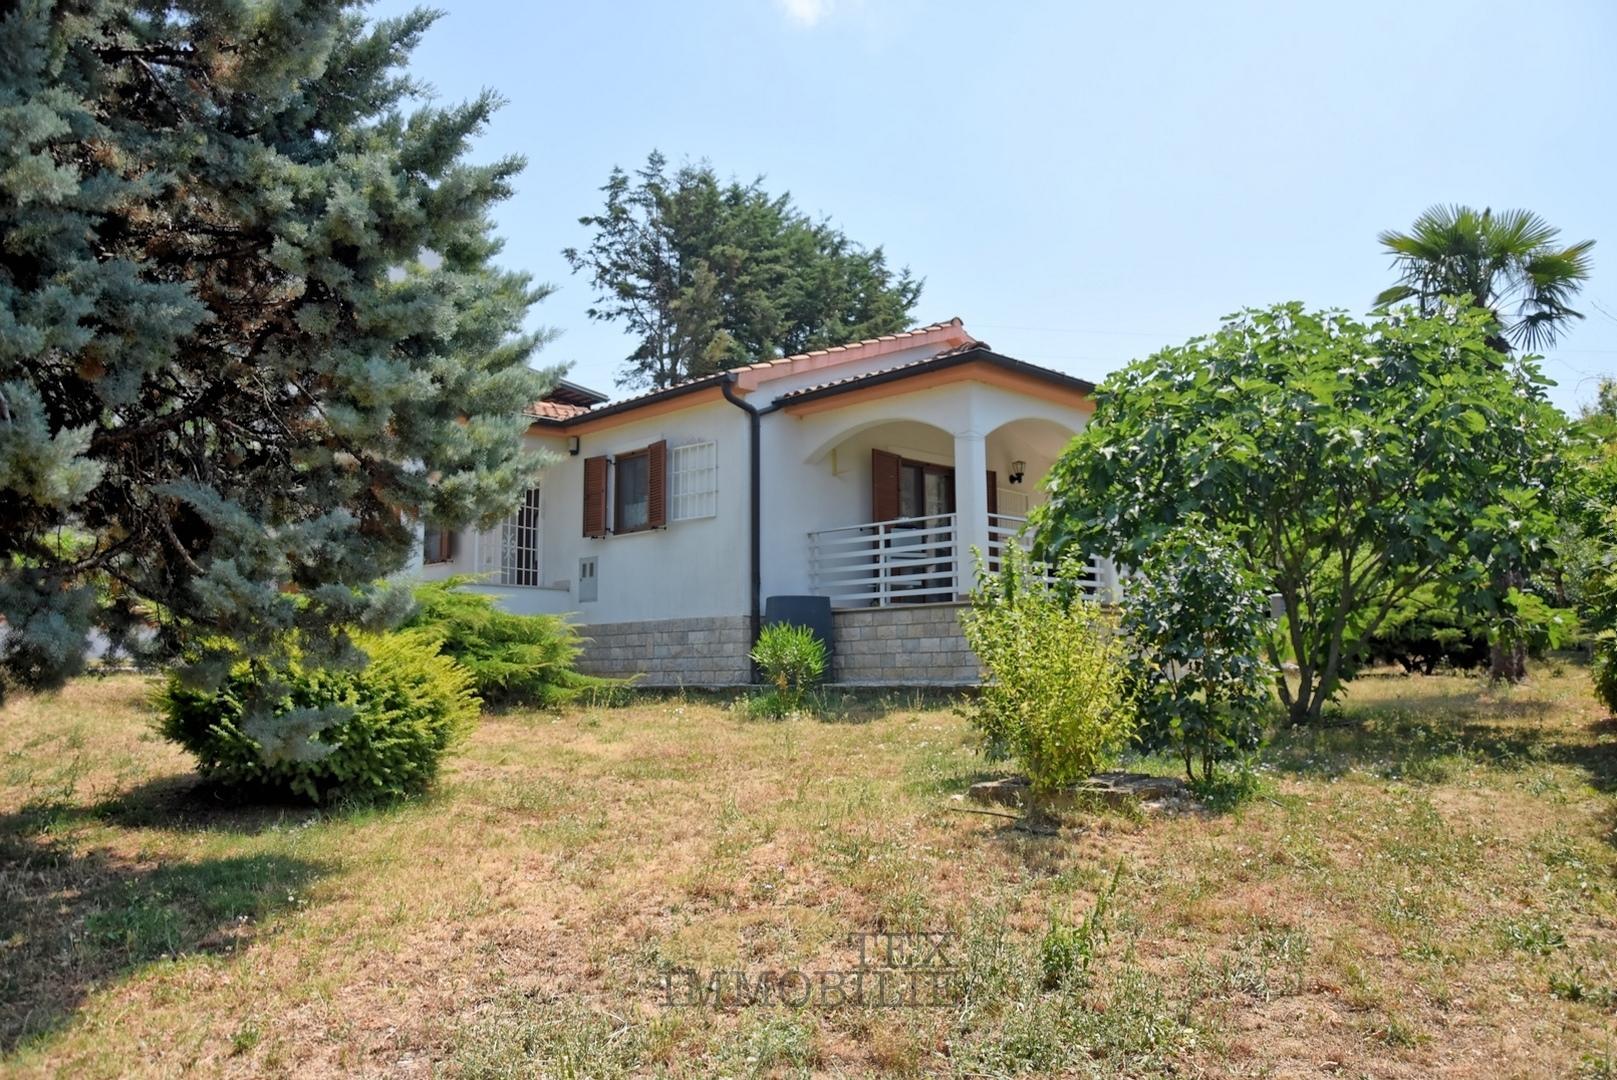 Kuća u okolici Poreča sa garažom i 1000 m2 okućnice